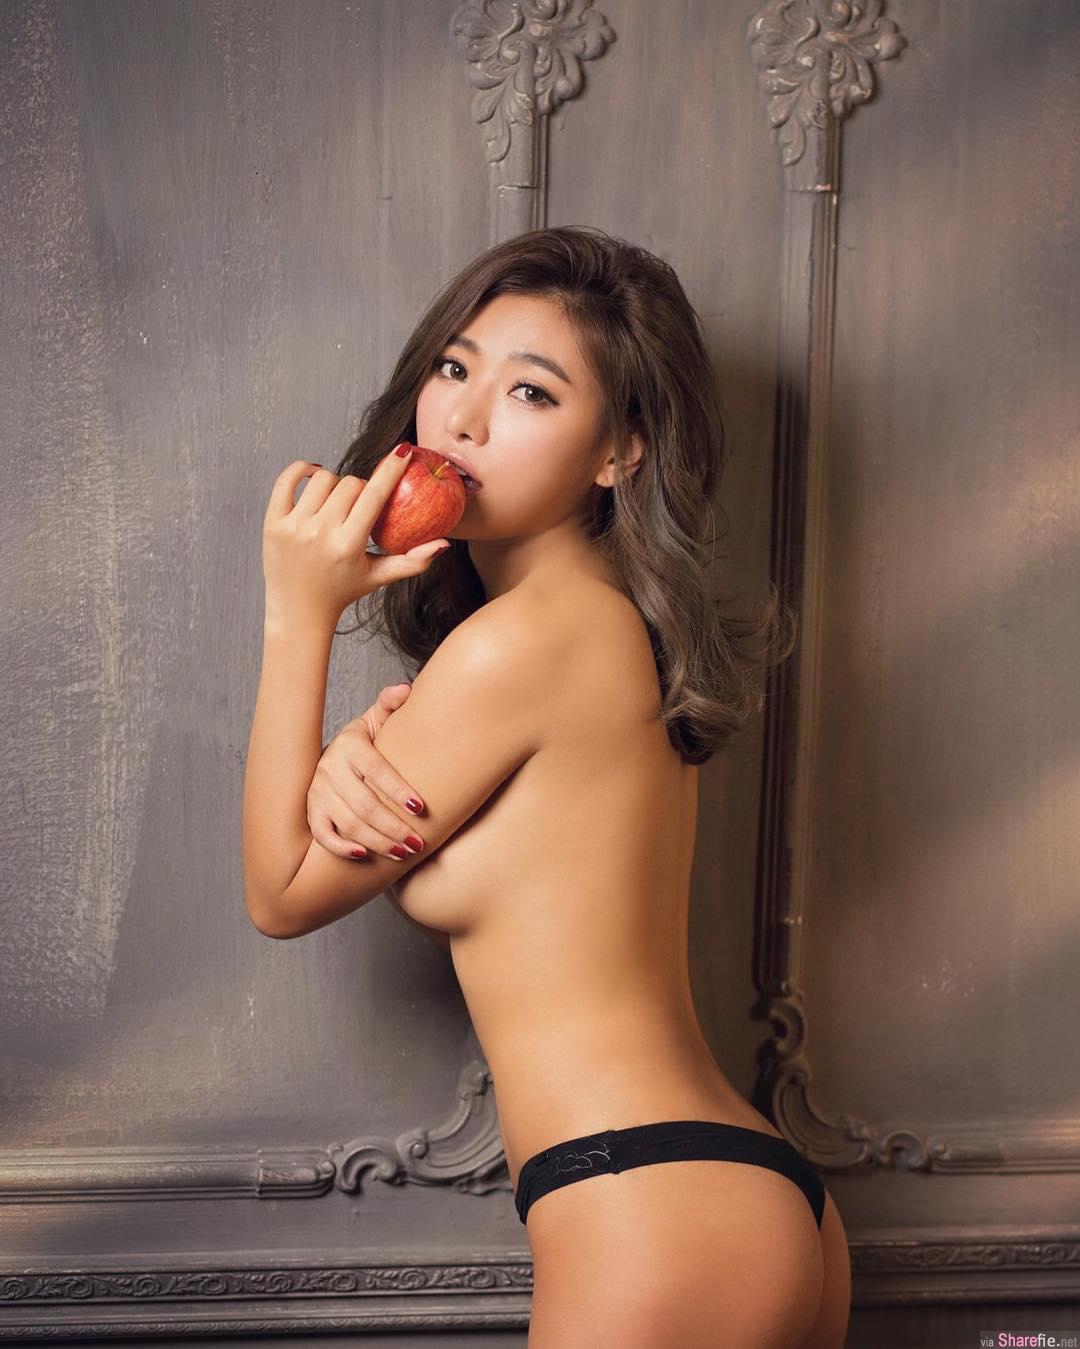 台湾正妹赖滢羽 Nini,度假享受不忘秀福利,绝世翘臀辣死网友